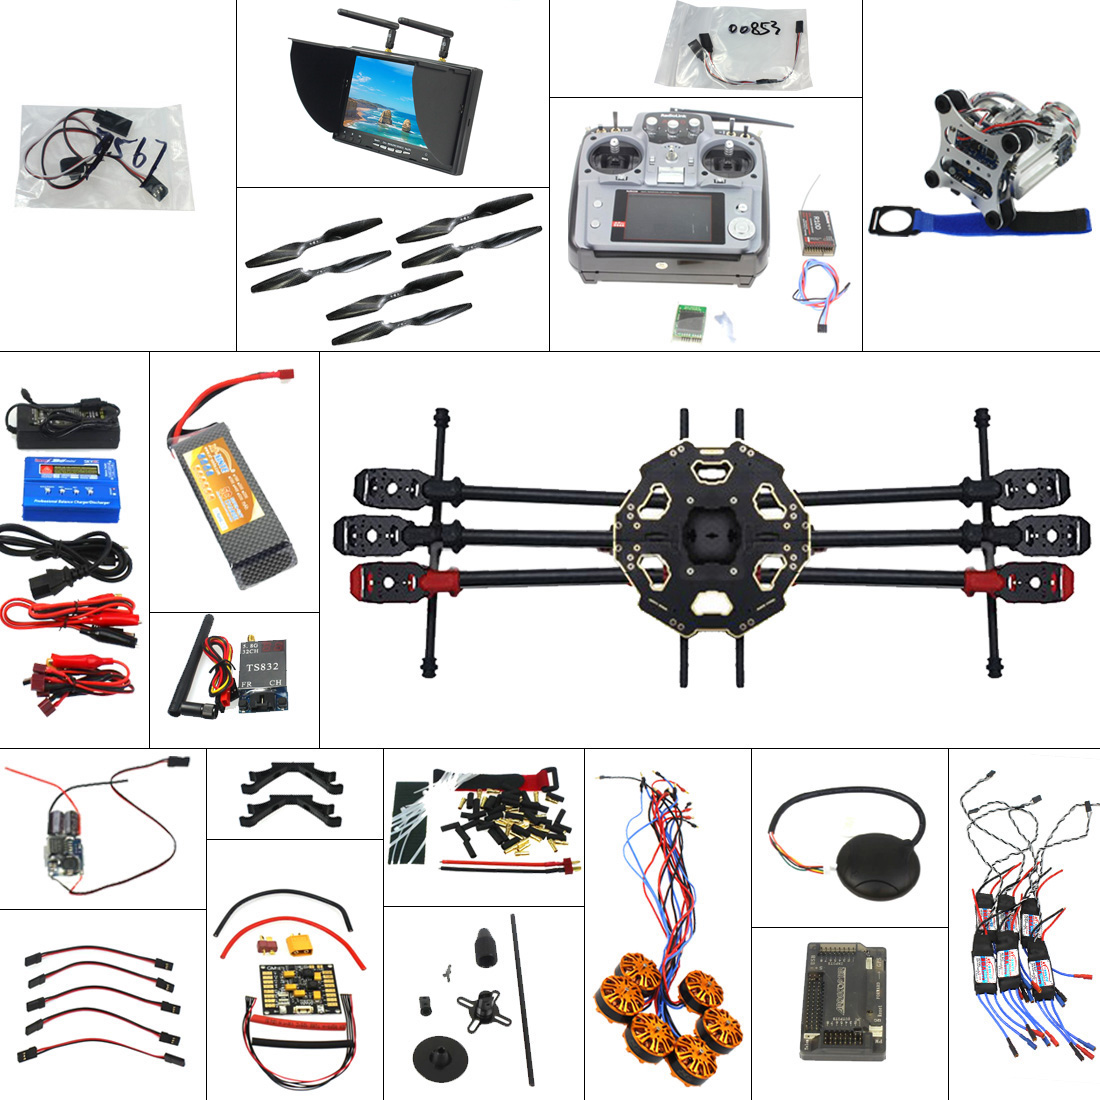 Jeu complet bricolage FPV Drone 6 axes hélicoptère Tarot 680PRO cadre APM 2.8 contrôle de vol AT10 transmetteur avec Kit FPV Hexacopter RC